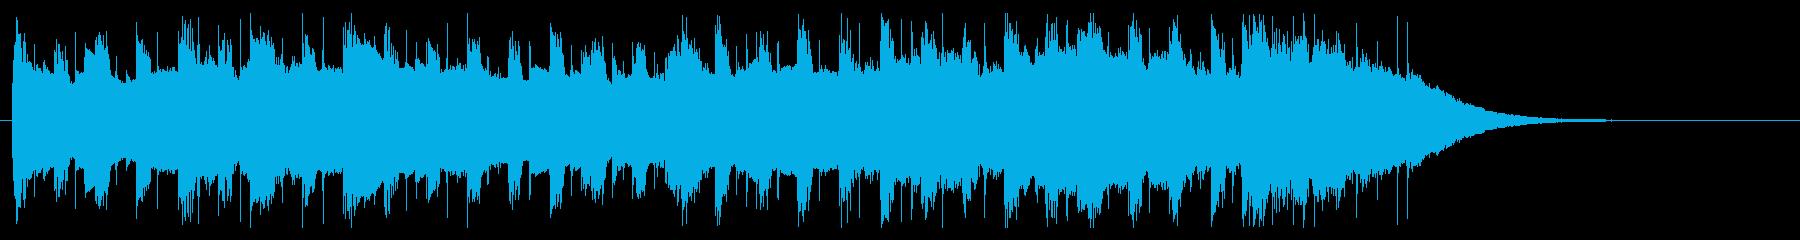 企業VPジングル プレゼン的爽やかギターの再生済みの波形